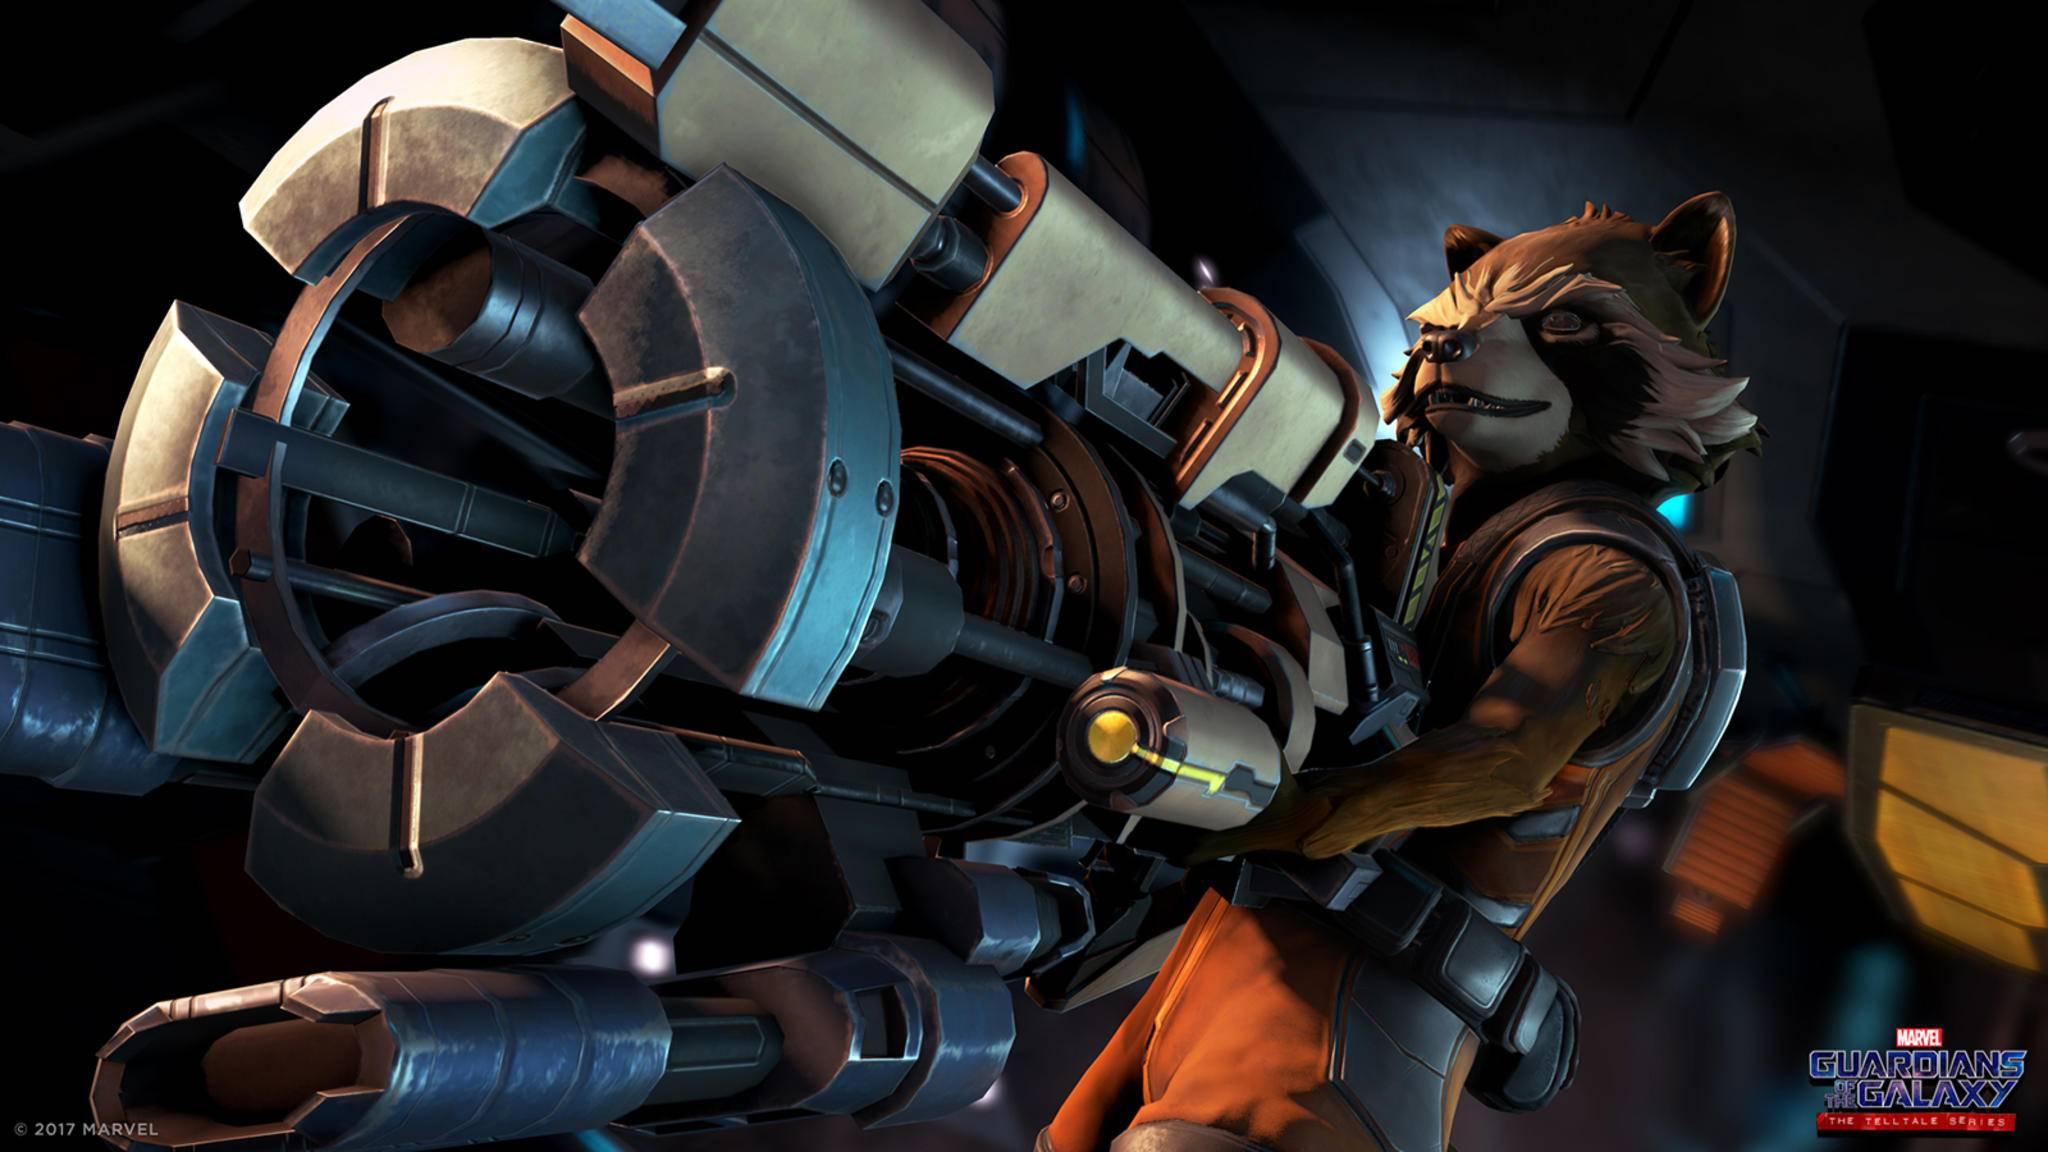 """Das Spiel """"Guardians of the Galaxy: The Telltale Series"""" erscheint vermutlich Mitte April."""